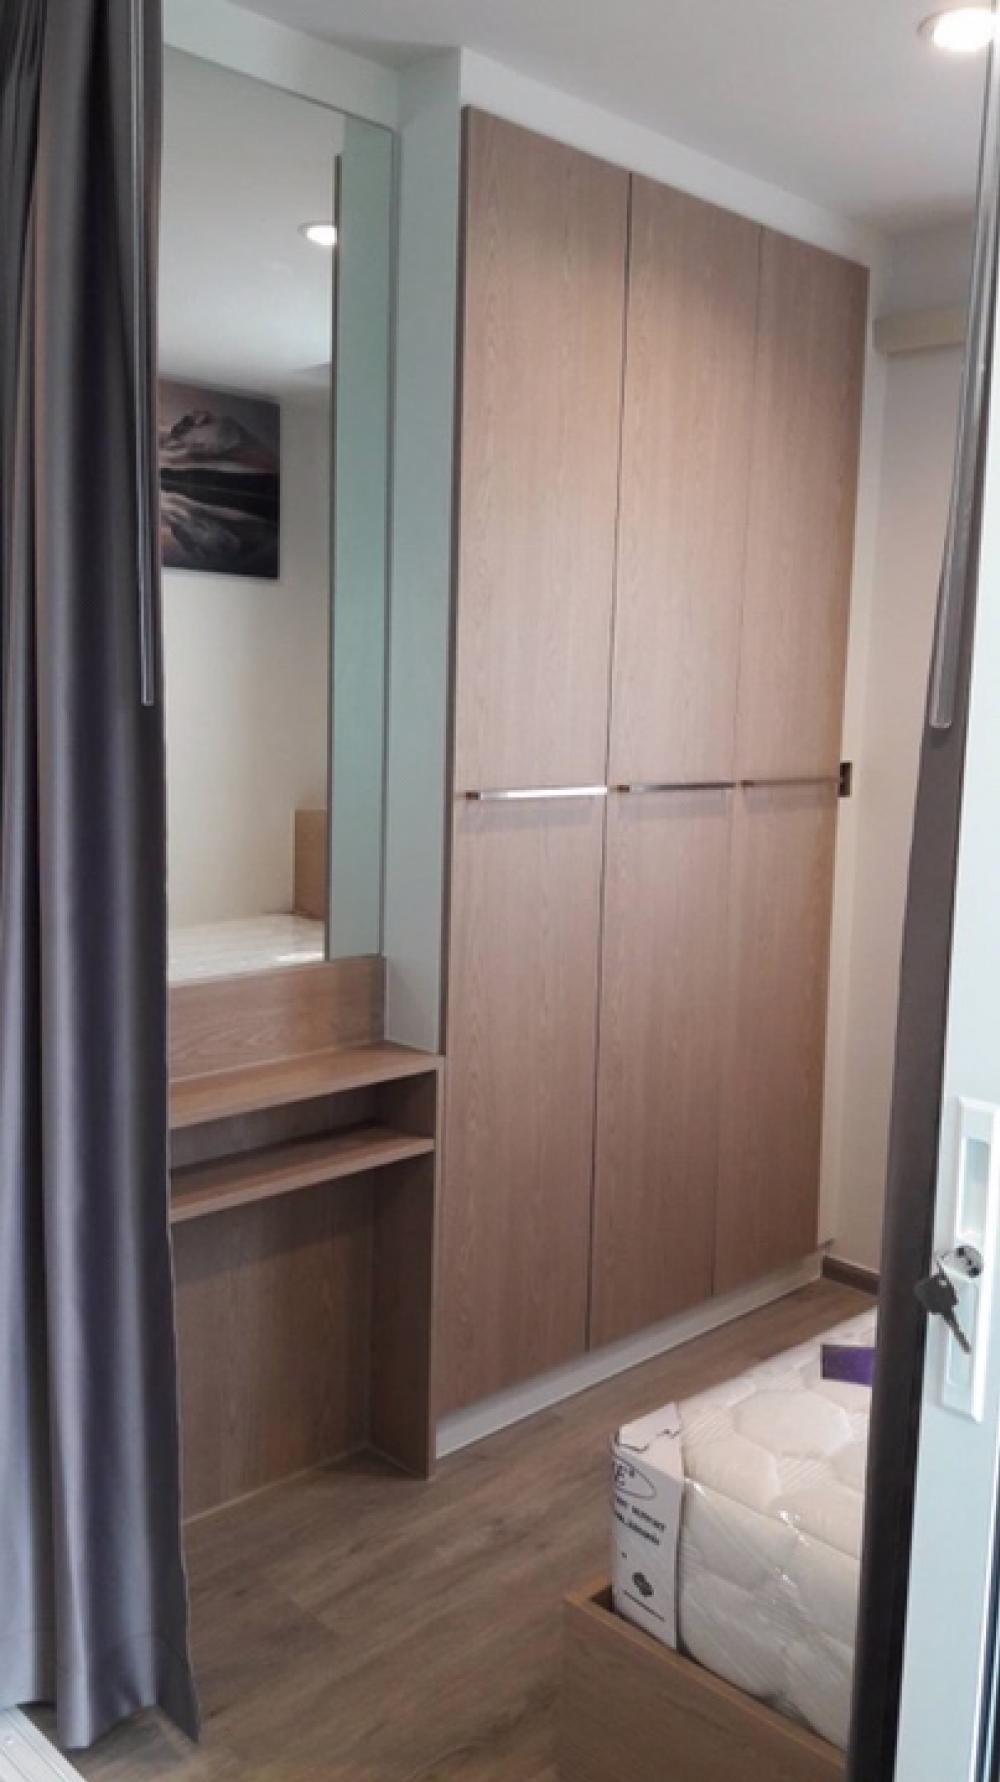 เช่าคอนโดบางซื่อ วงศ์สว่าง เตาปูน : 🏡ให้เช่าห้องใหญ่🎁ตกแต่งพร้อมอยู่ 2ห้องนอน@รีเจ้นท์โฮมบางซ่อน(เฟสใหม่ 28) 100ม.ถึงMRT อาคาร D🌳ชั้น19 ห้องคอมบายรูม 56 ตรม. ห้องมุมใหญ่ที่สุดในตึกทิศเหนือวิวโล่งวิวทางด่วน🎊🎊2น้ำ+ที่จอดรถ2คัน(นิติโดยLPN)